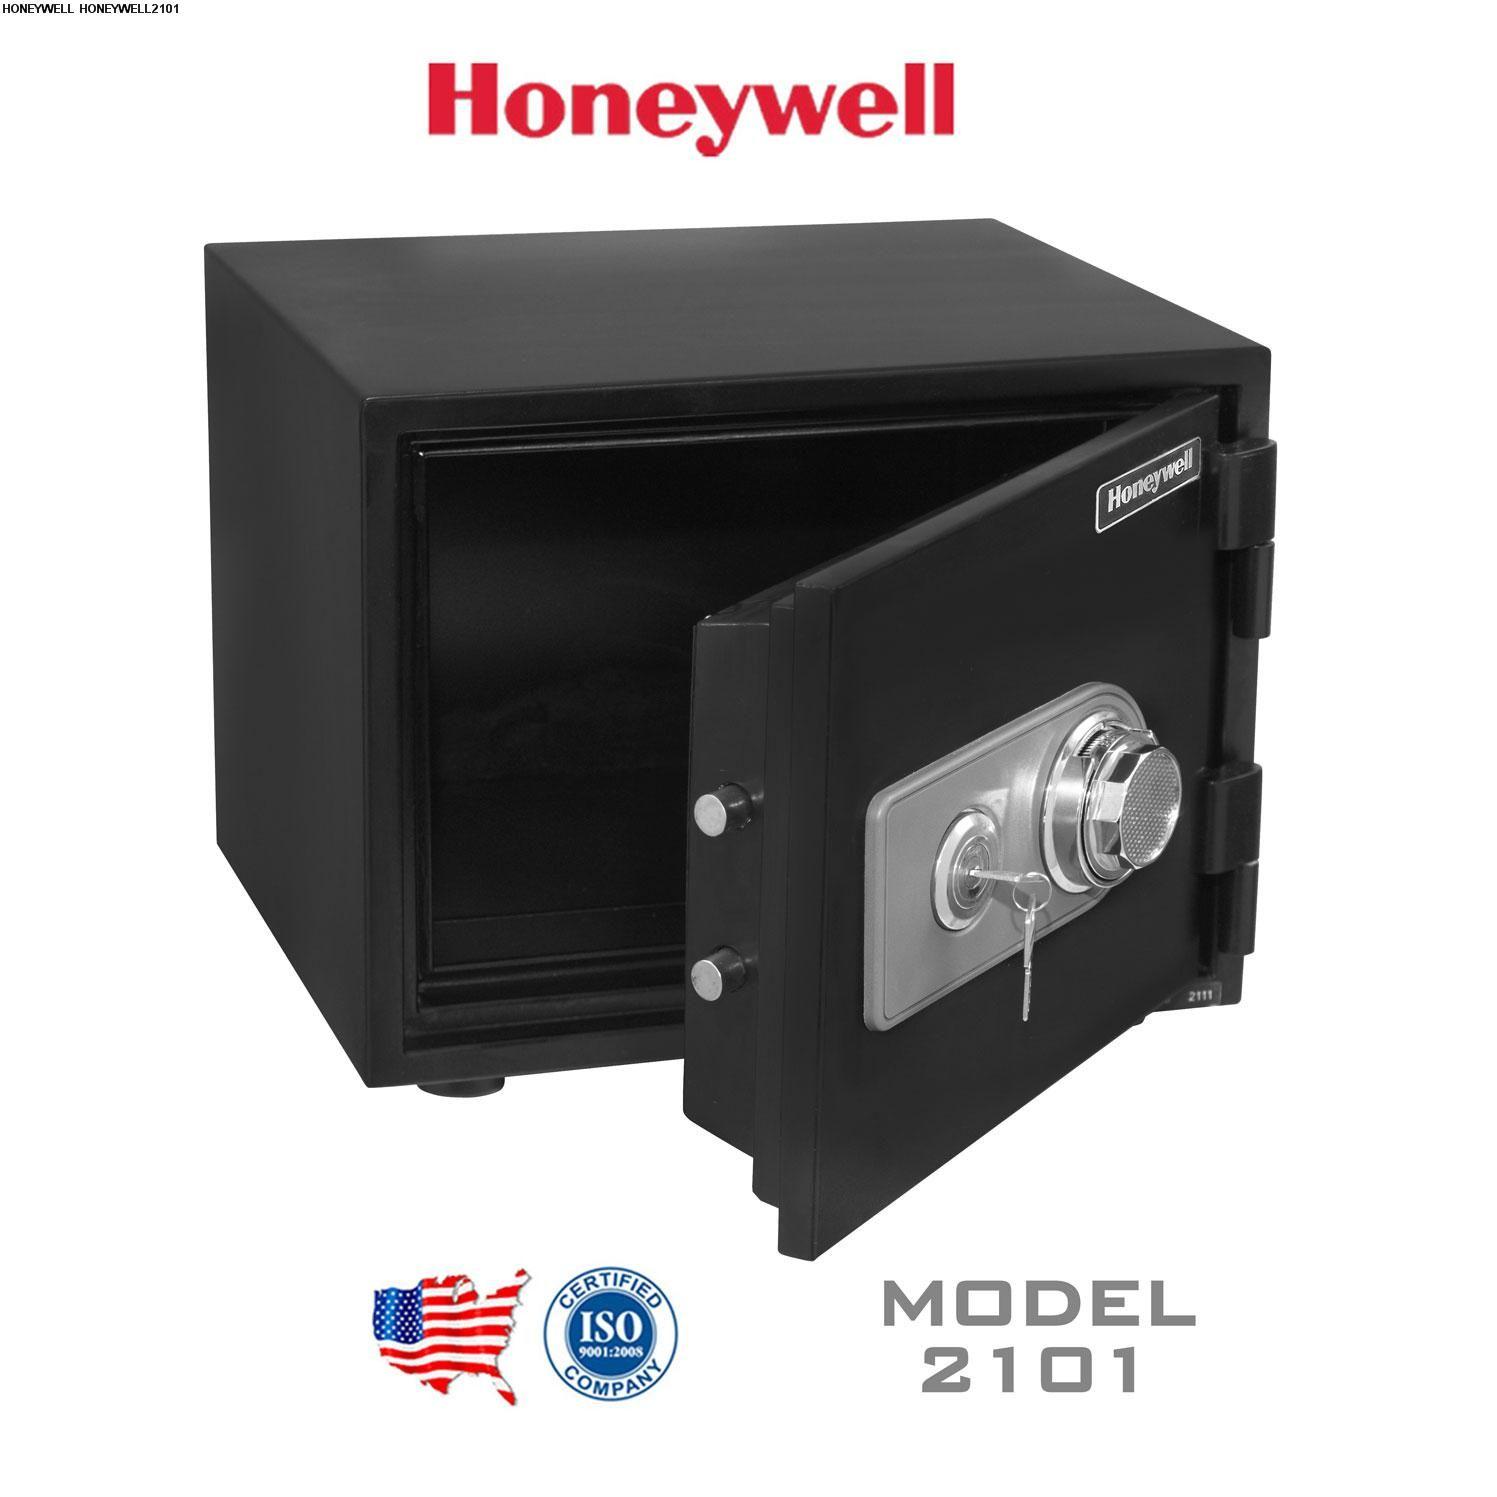 Ket-sat-chong-chay-chong-nuoc-Honeywell-2101-khoa-co-My-_161551